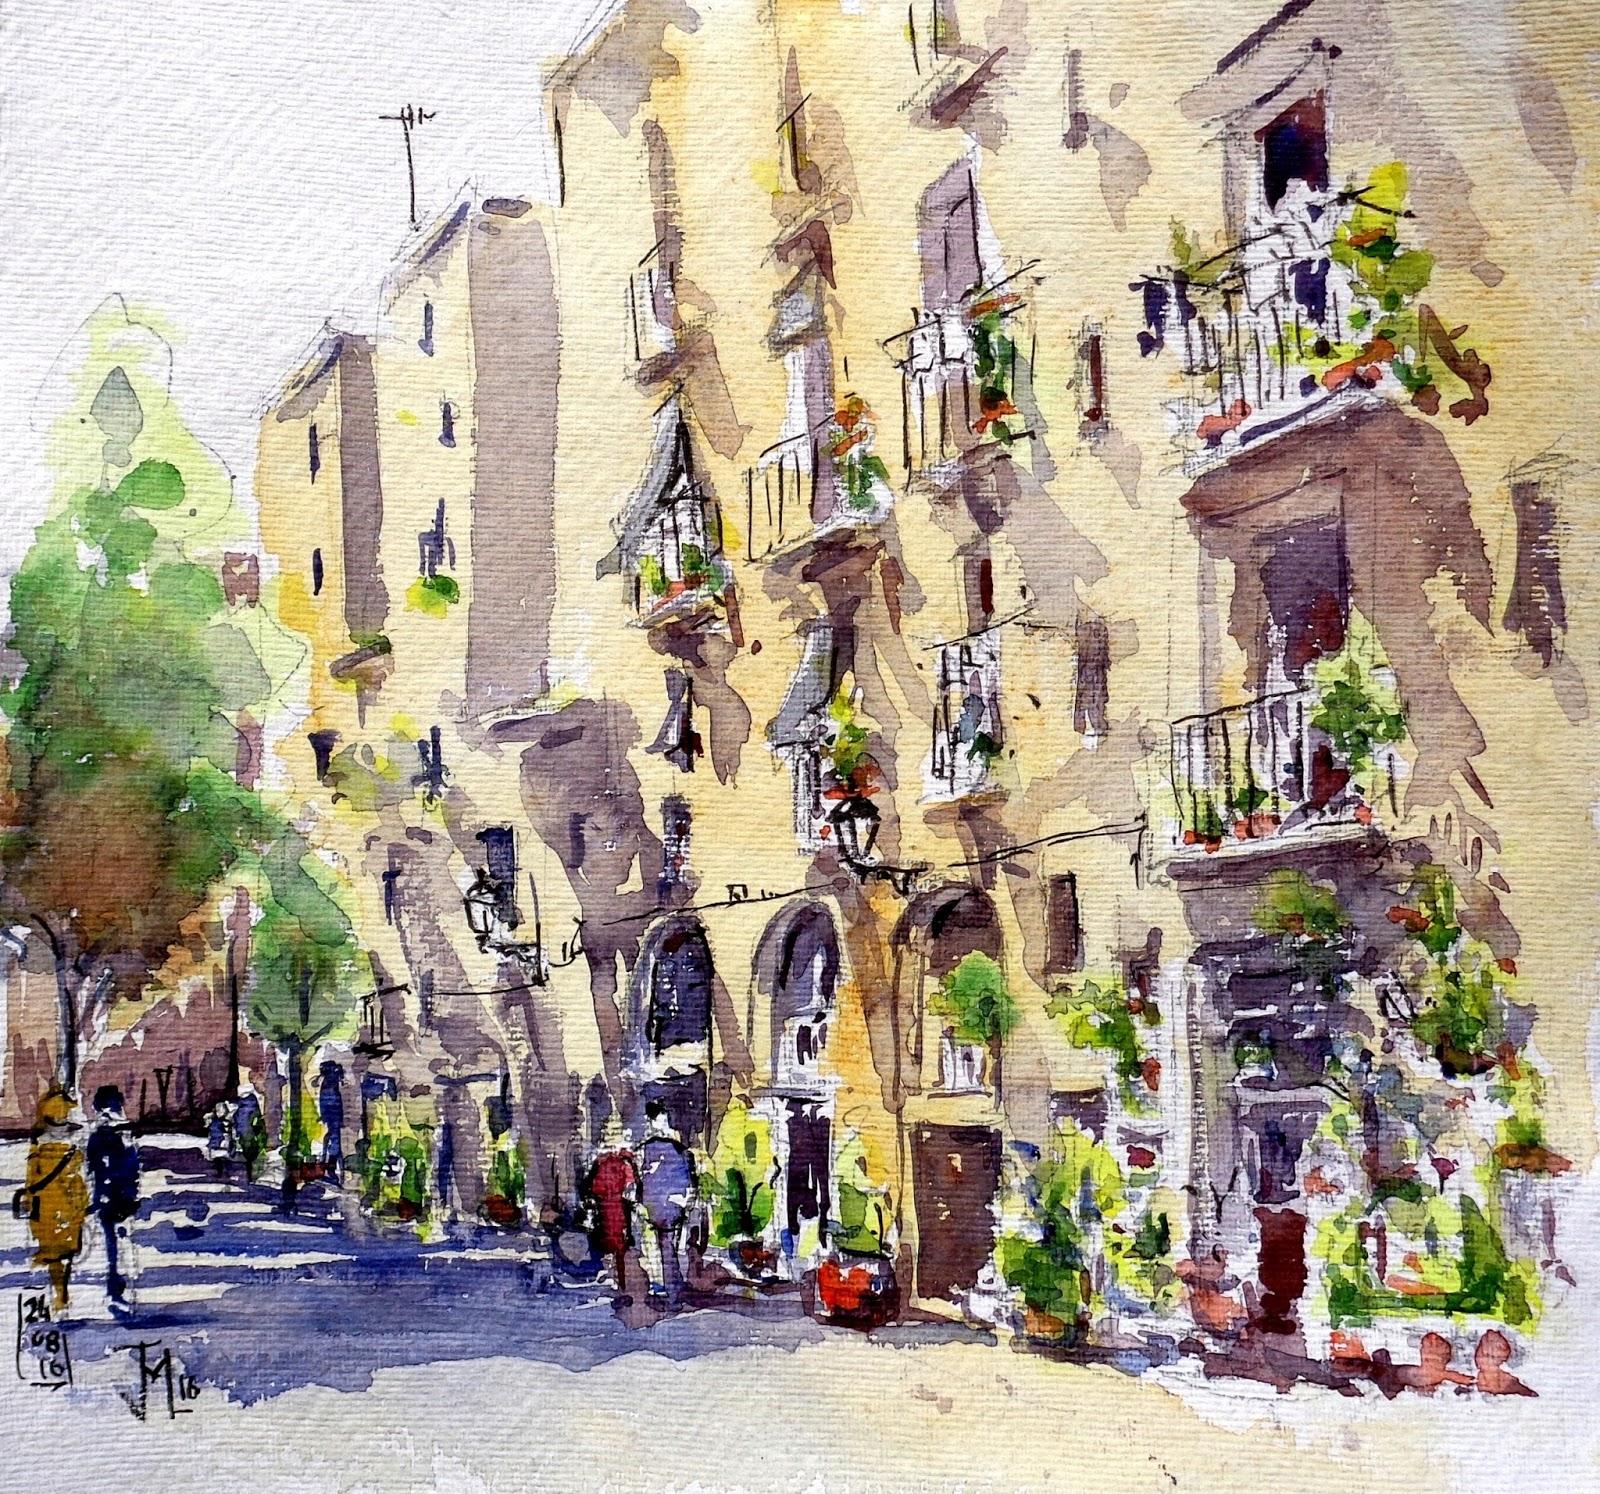 Joshemari larra aga acuarelas paseo en el barrio de la - Casco antiguo de barcelona ...